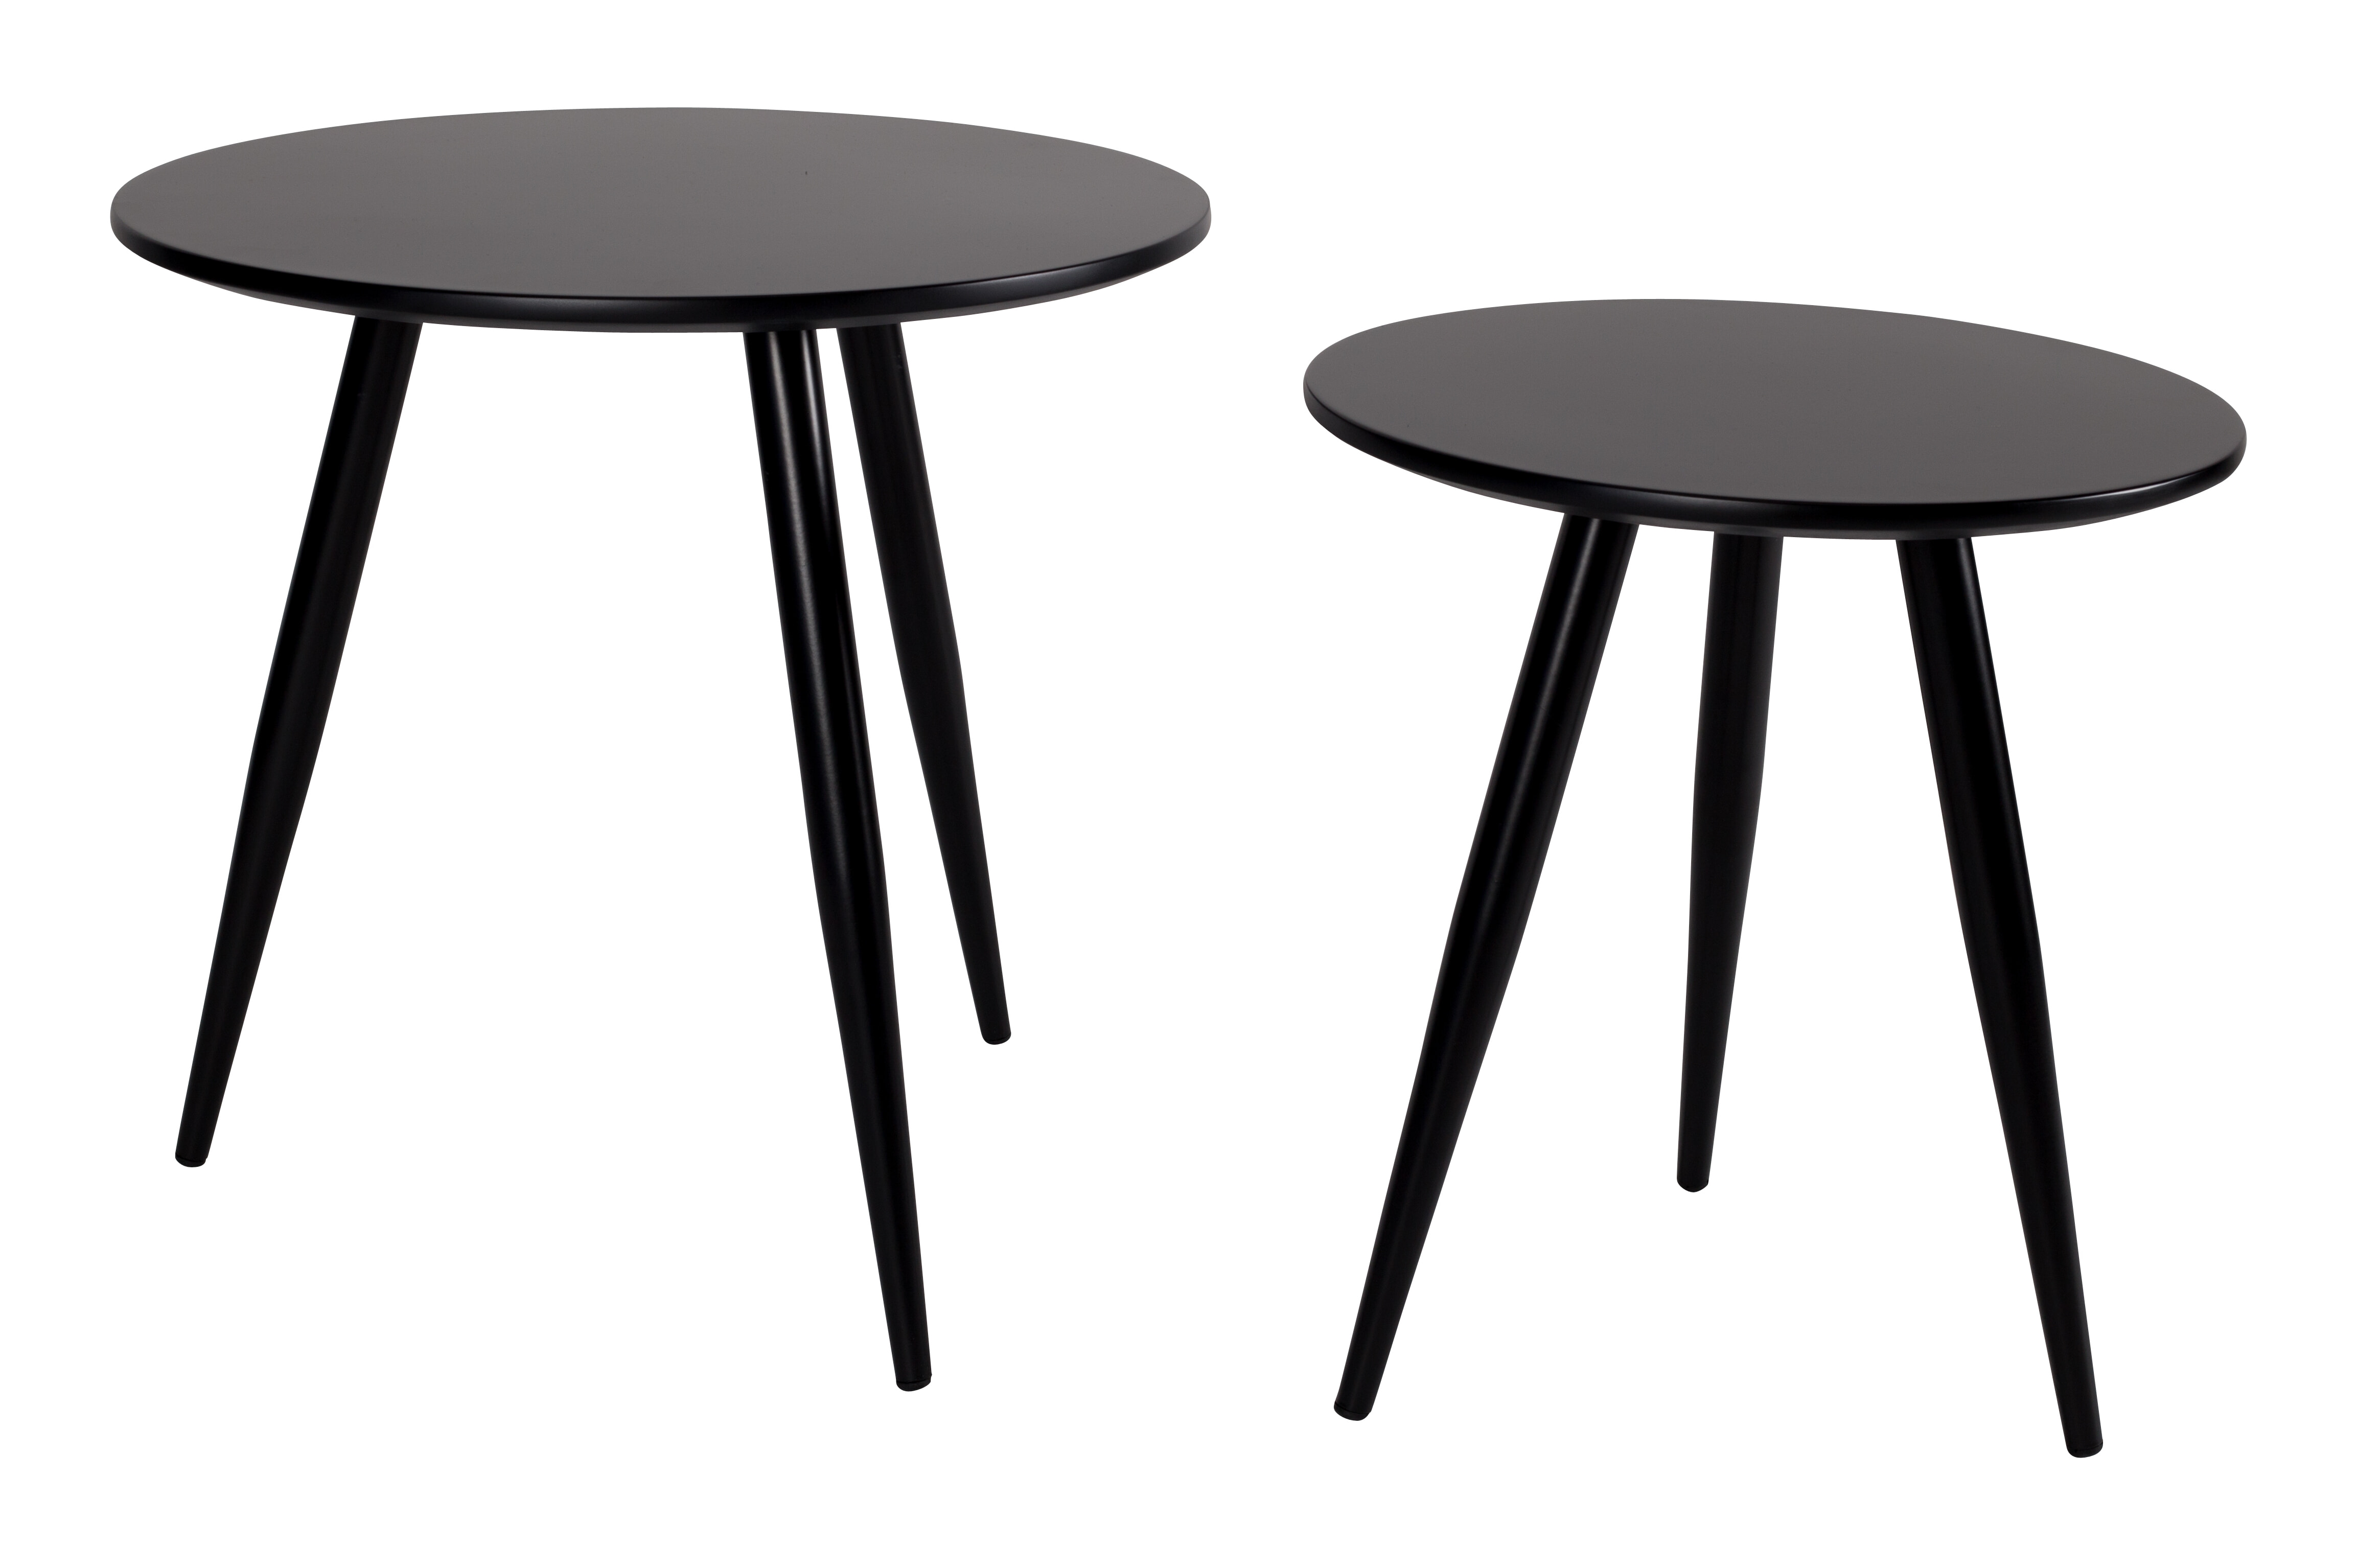 Bijzettafel 'Kevan' set van 2 stuks, kleur Zwart